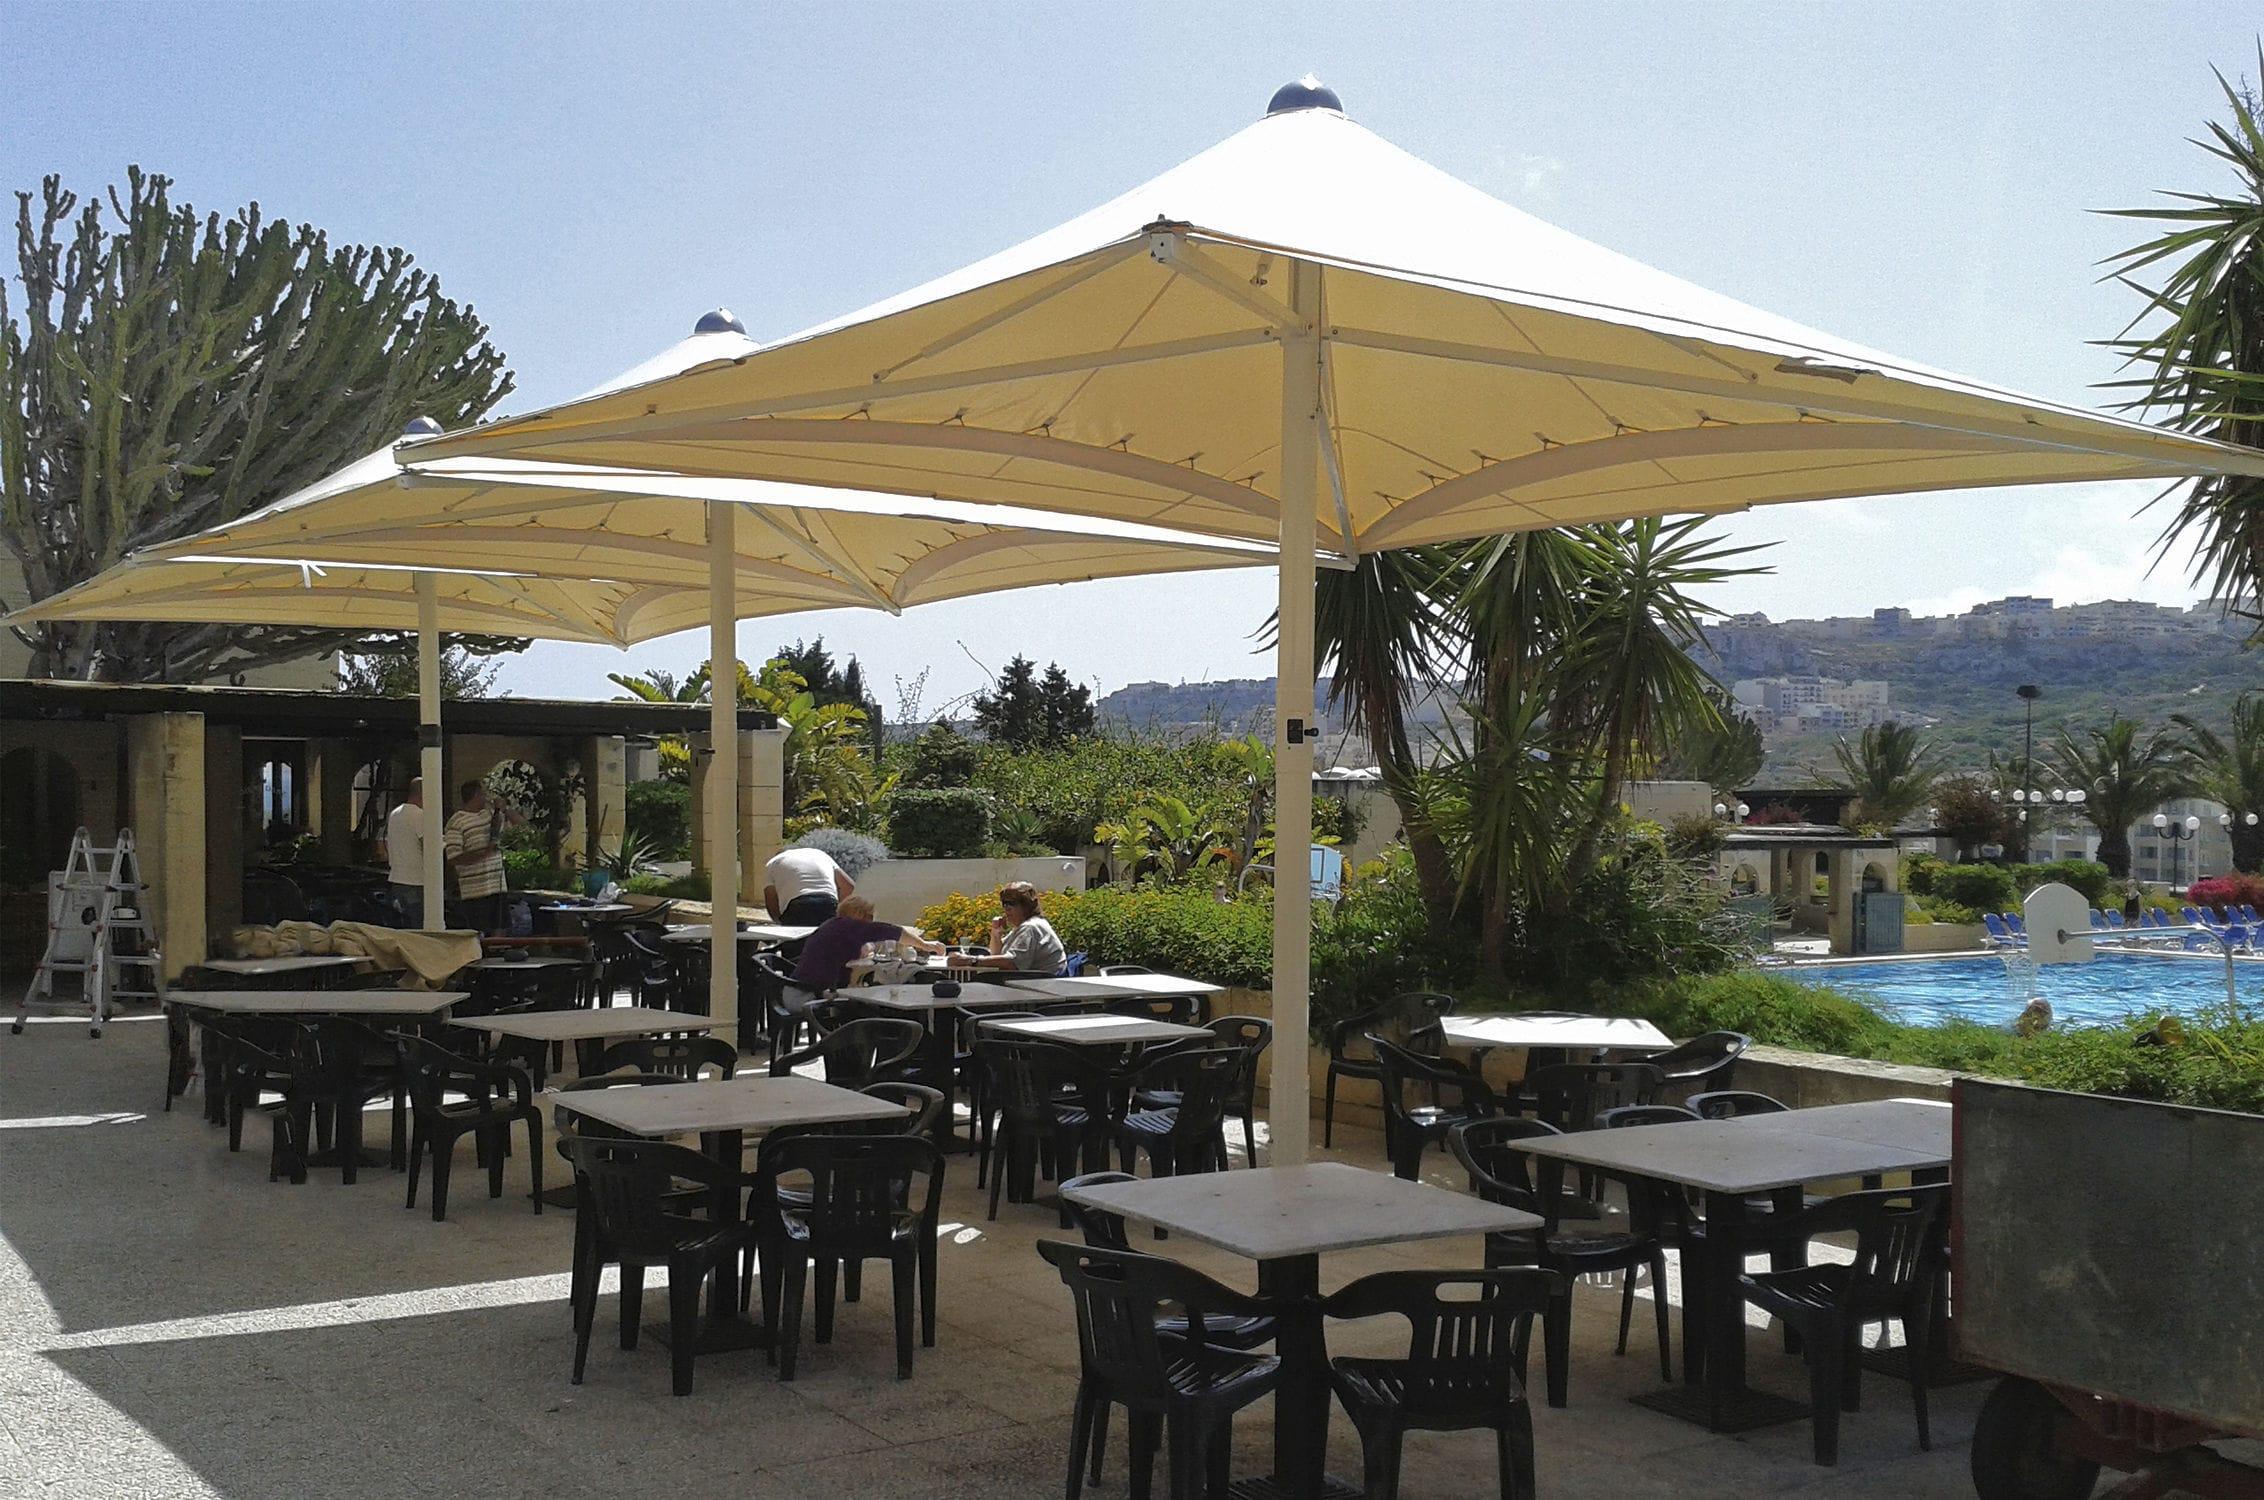 Sombrilla Para Bar Kite Edengarden Patio Umbrellas Para Hotel Para Restaurante Para Piscina Publica